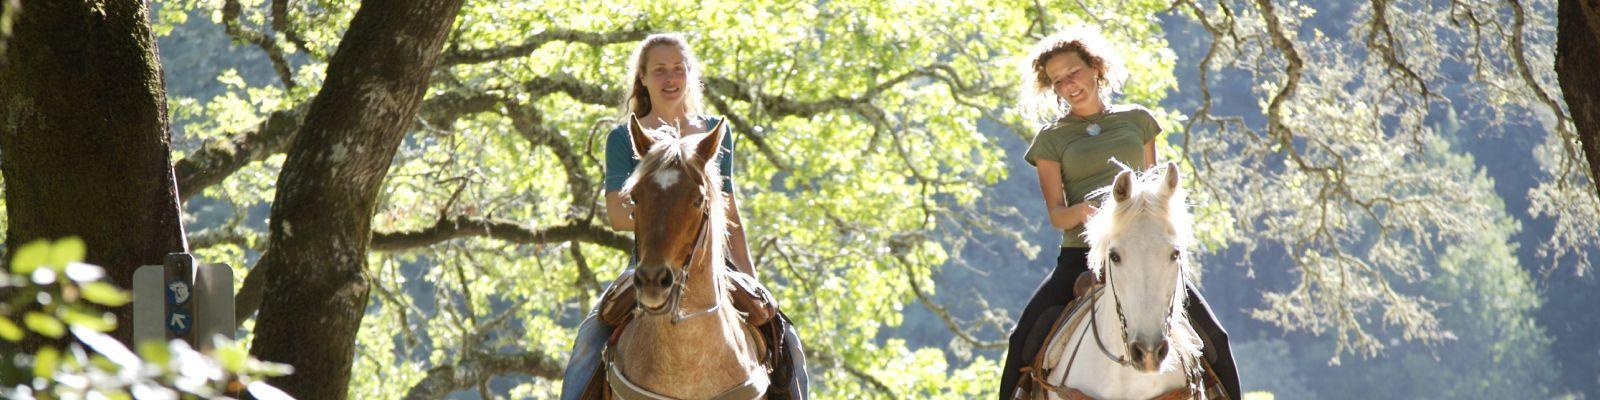 Vakantie Gelderland Paarden